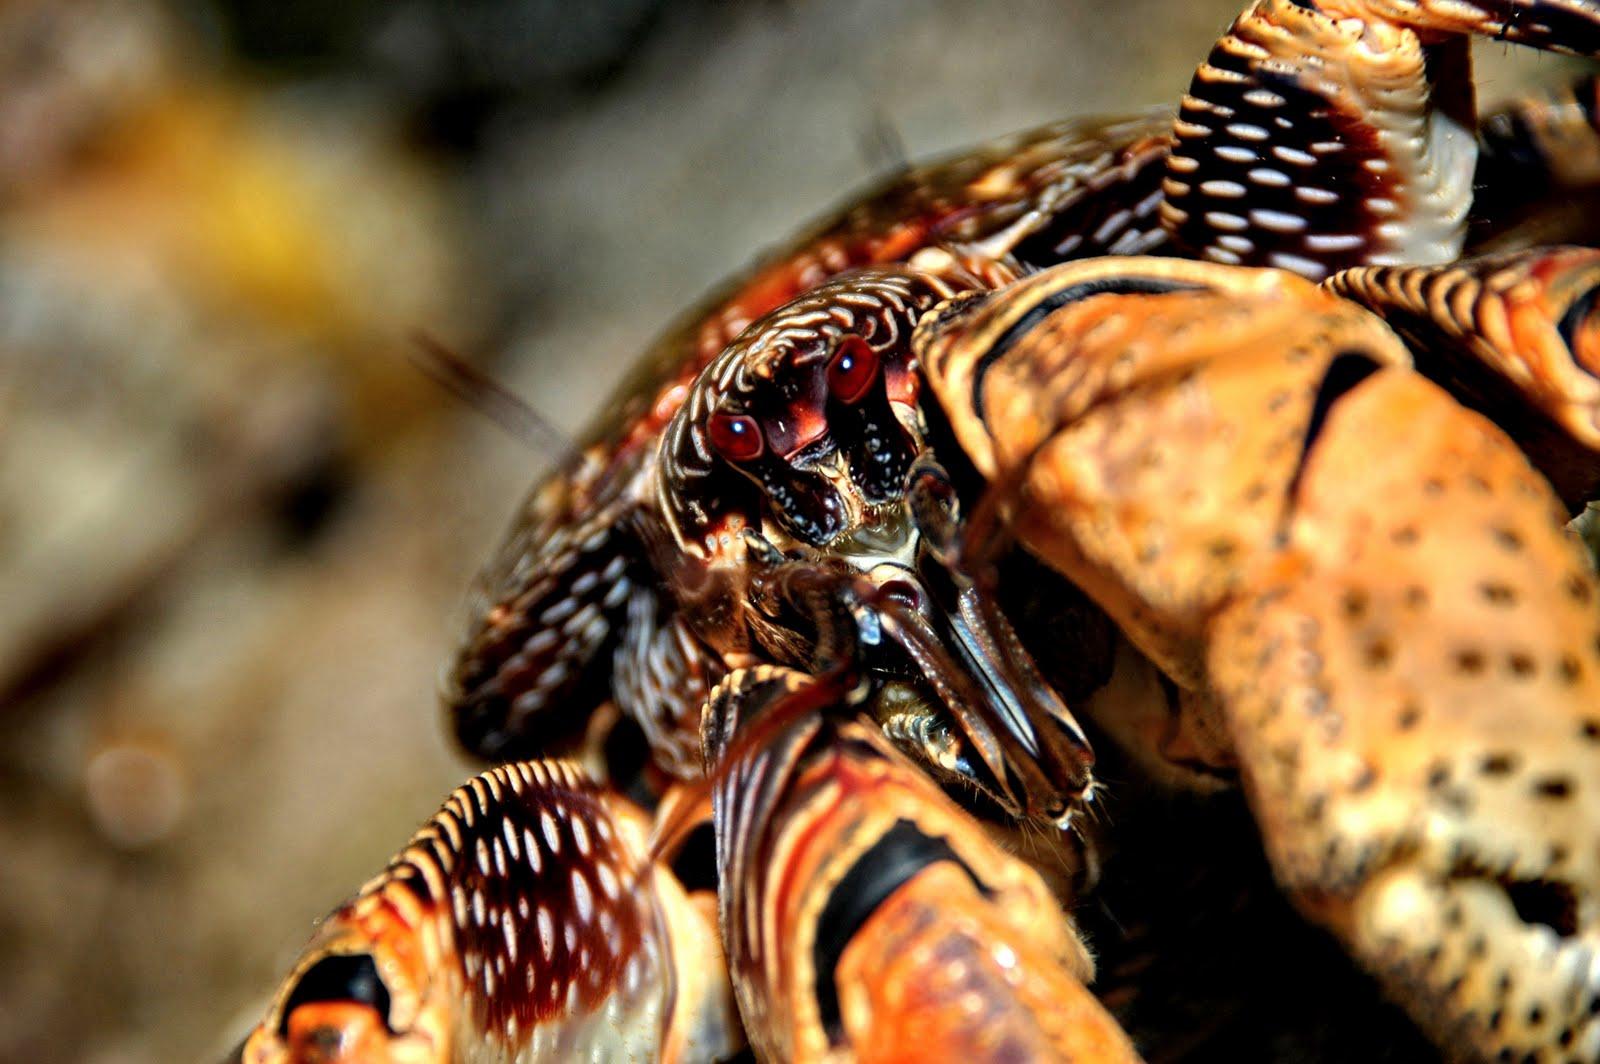 http://4.bp.blogspot.com/_3sU0MnRawMI/TUgX_b2km2I/AAAAAAAAEqY/E-032XWr_X4/s1600/crab%2B.jpg